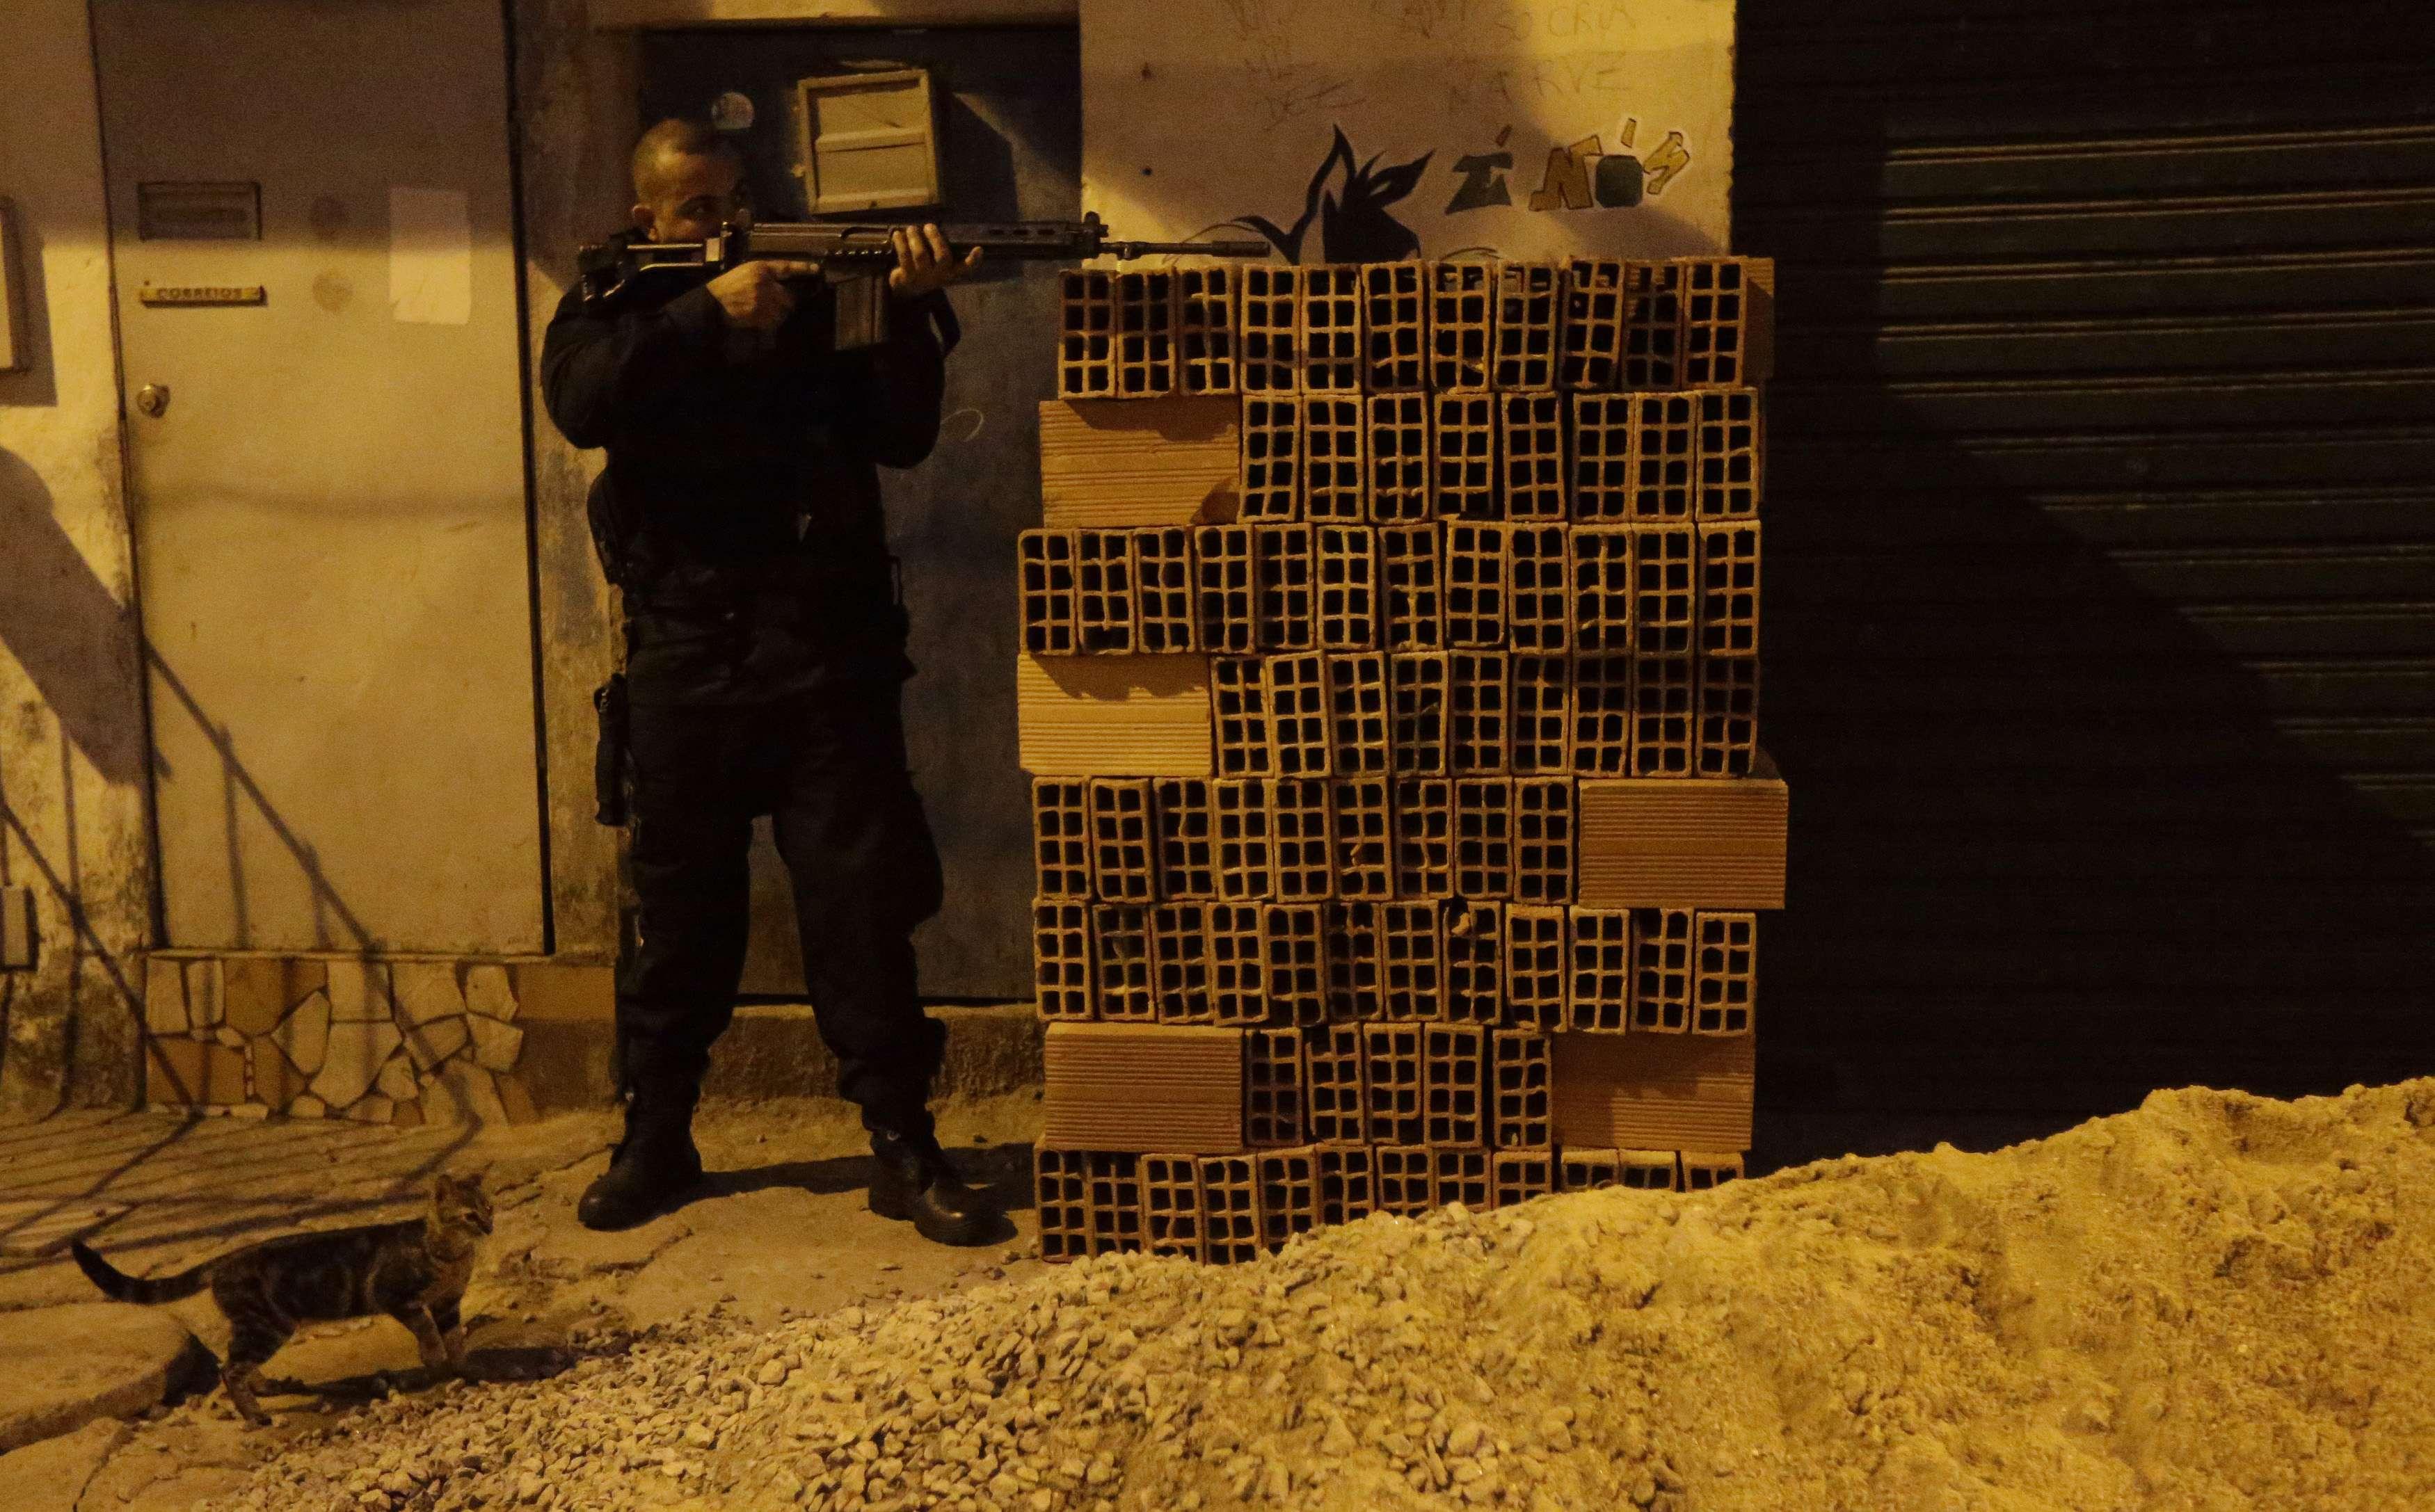 Agente das Forças de Segurança se posiciona com fuzil durante ocupação do Complexo da Maré | Ricardo Moraes/Reuters